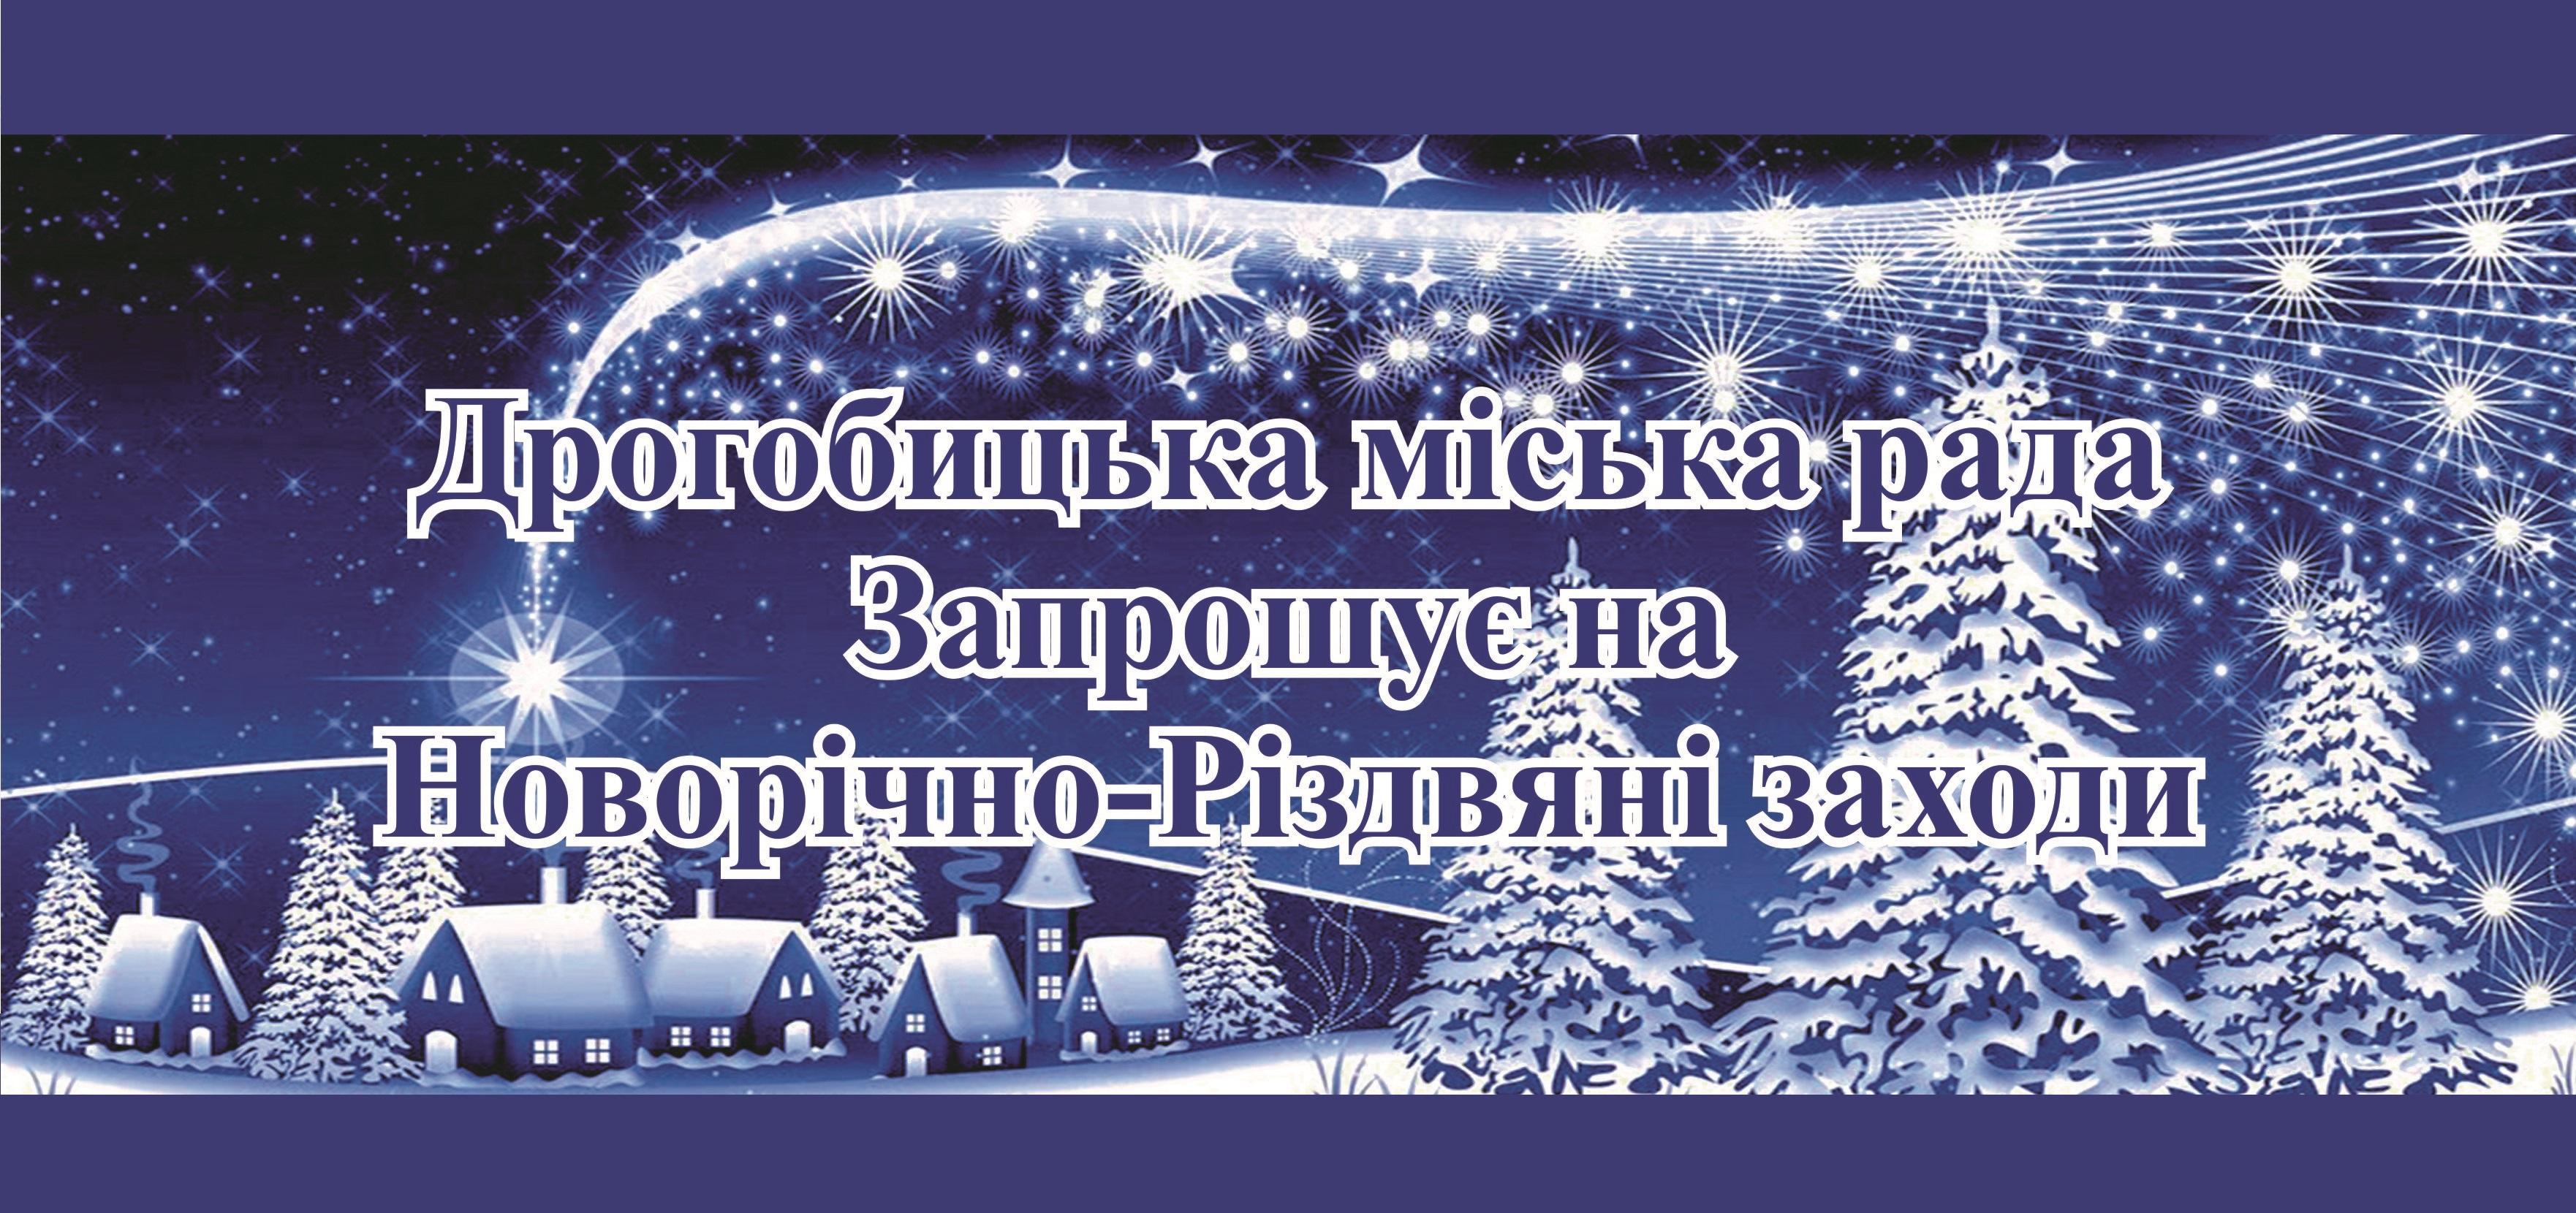 АНОНС. Запрошуємо на Різдвяні святкування до Дрогобича